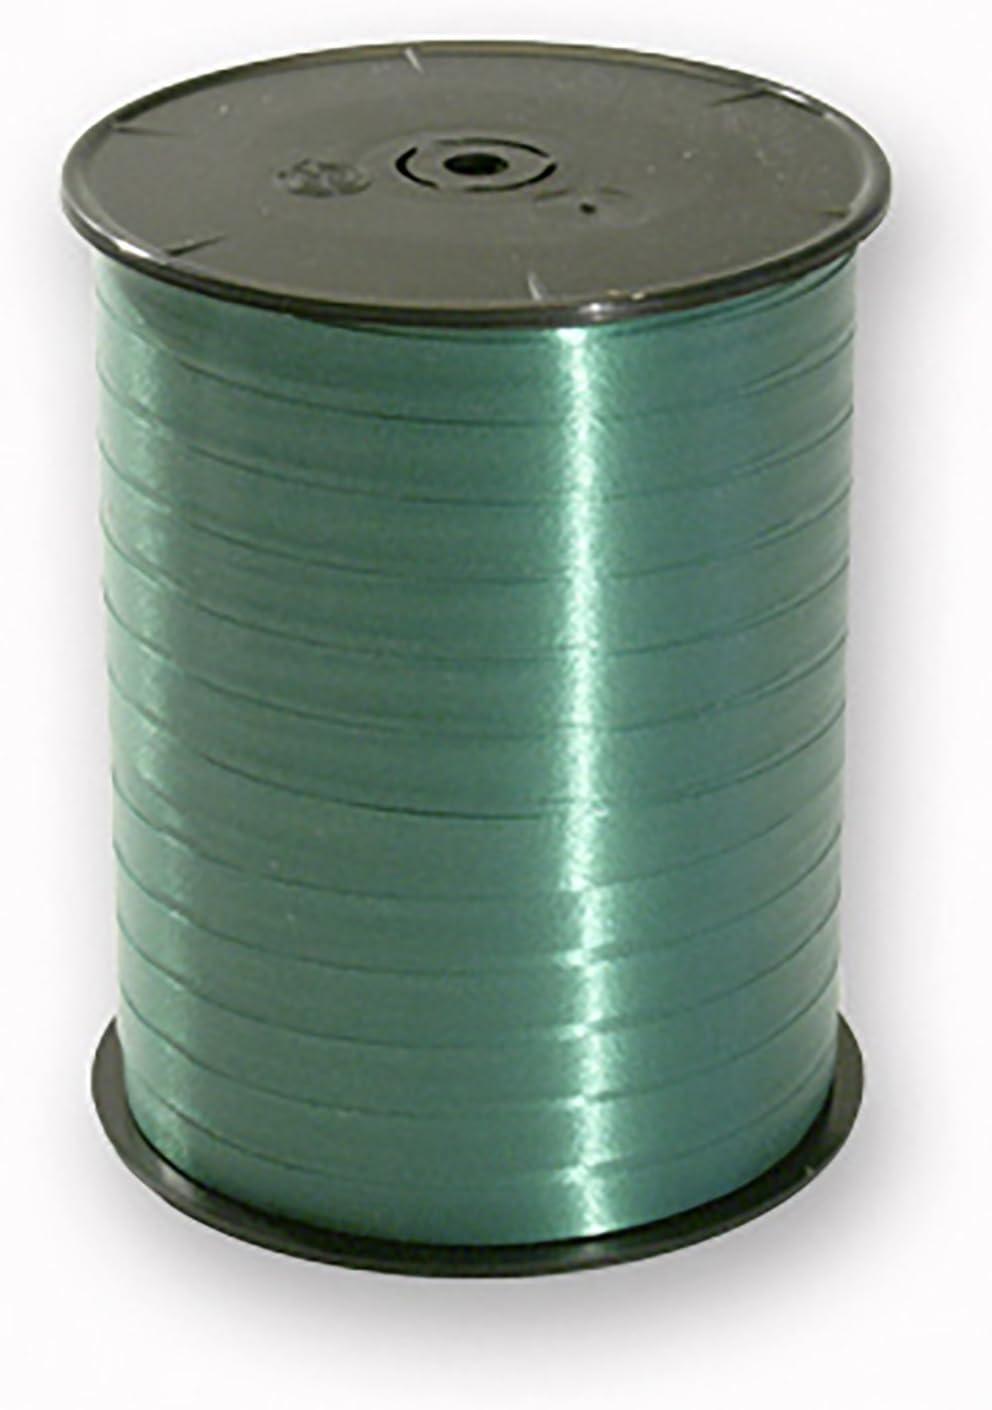 Clairefontaine 601774C 7mm x 500m スムースカウンターリボンロール - エメラルドグリーン